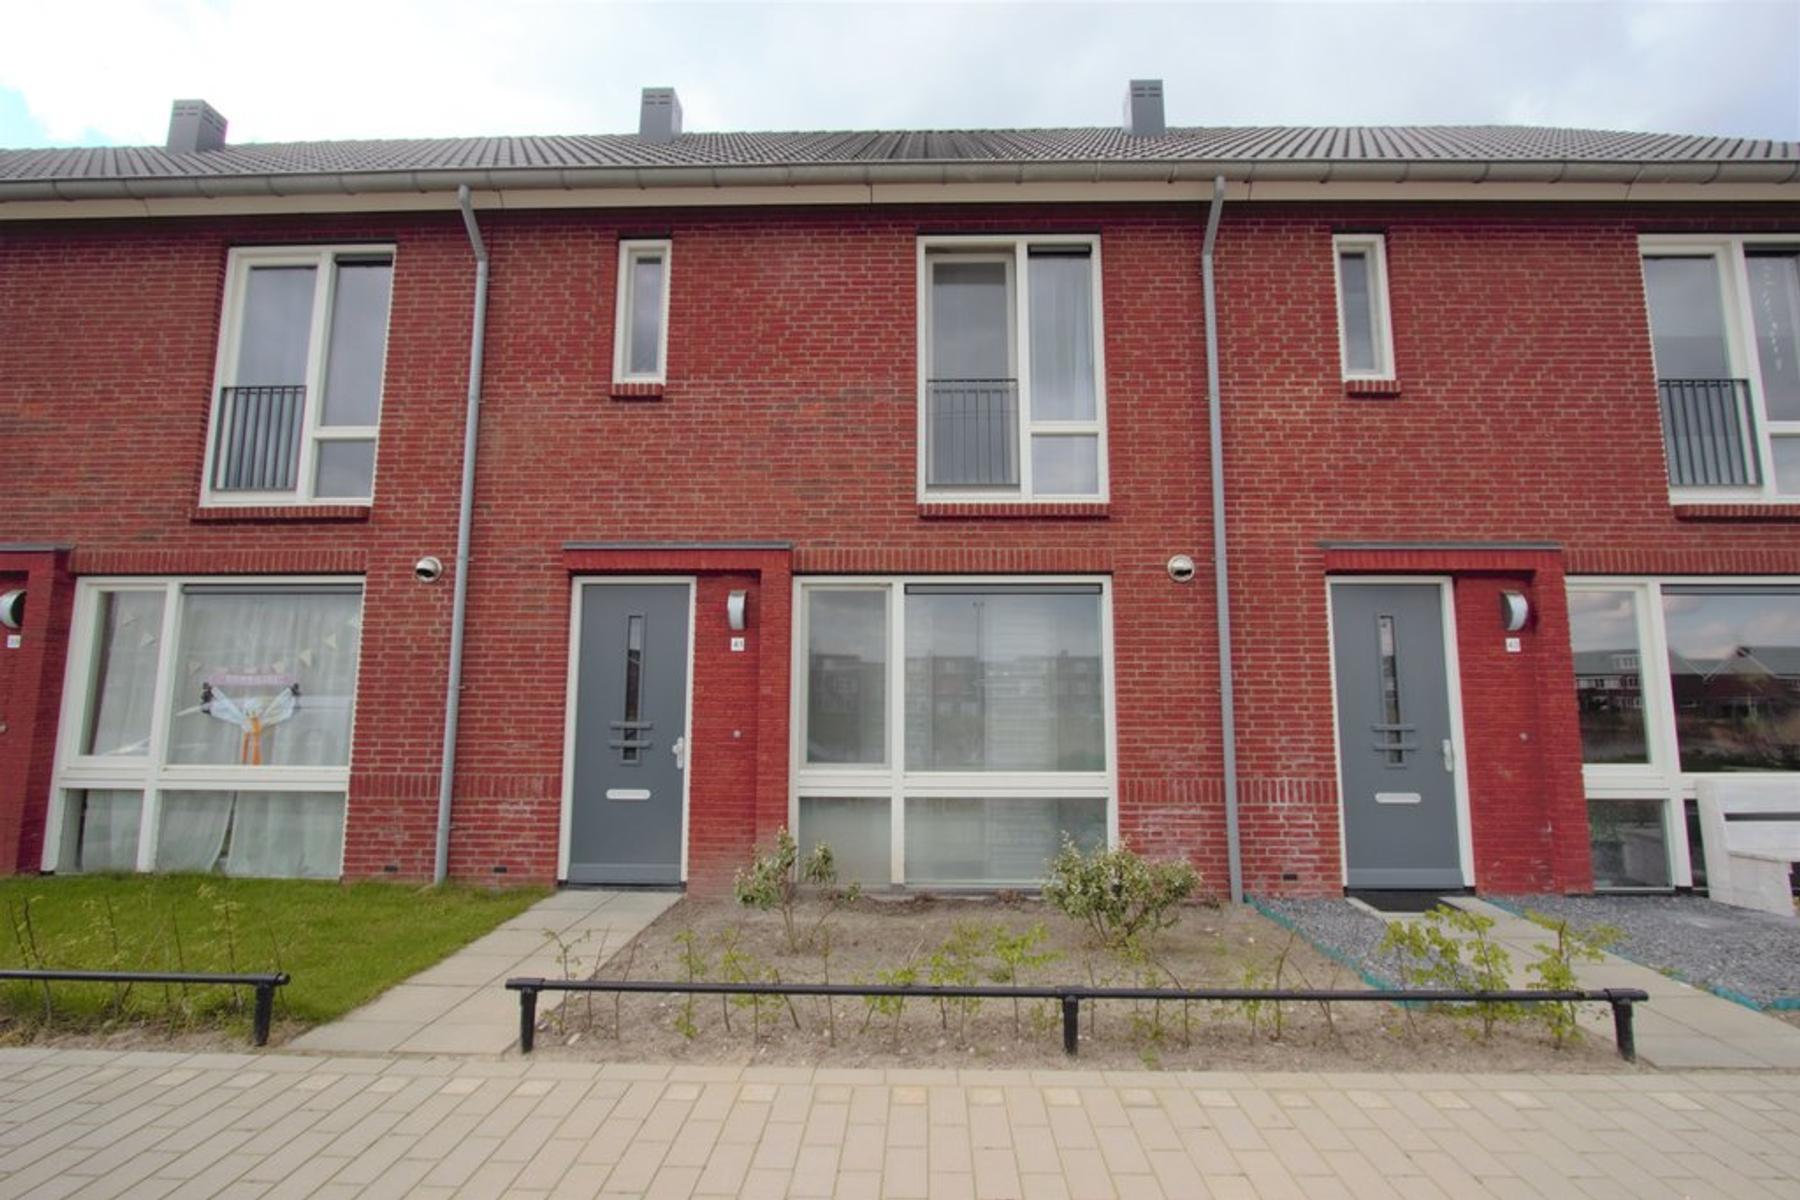 Loevesteinlaan 41 in Gorinchem 4206 XS